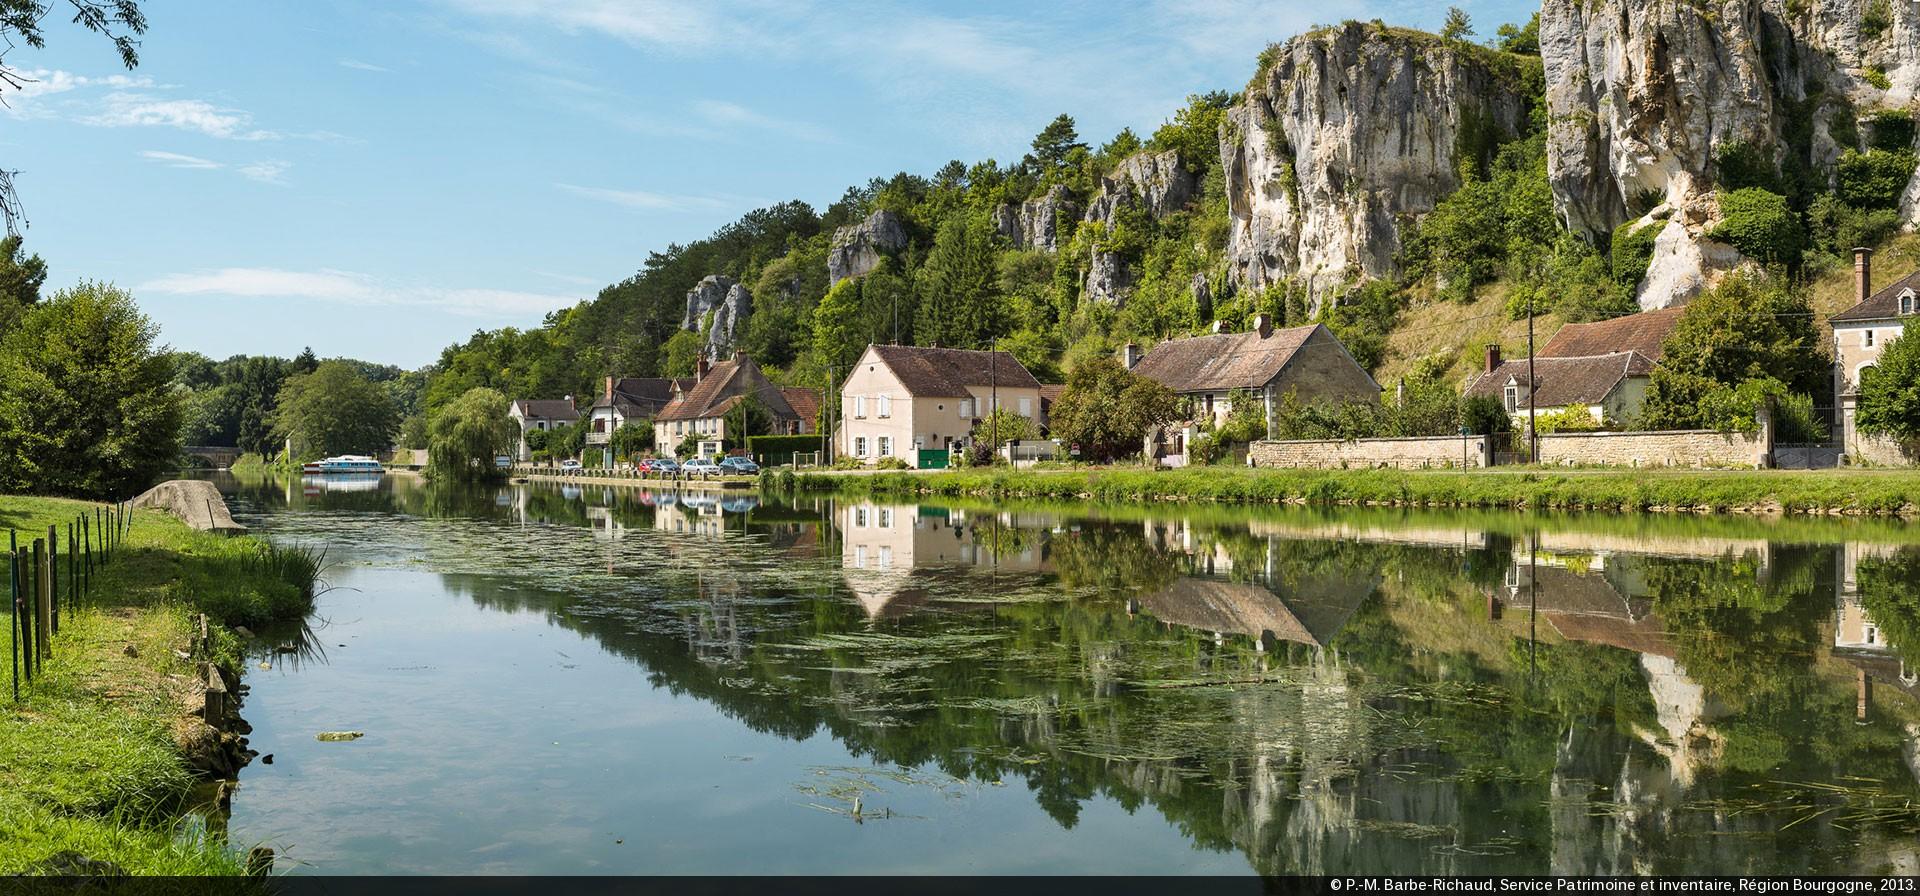 bourgogne paysage - Image